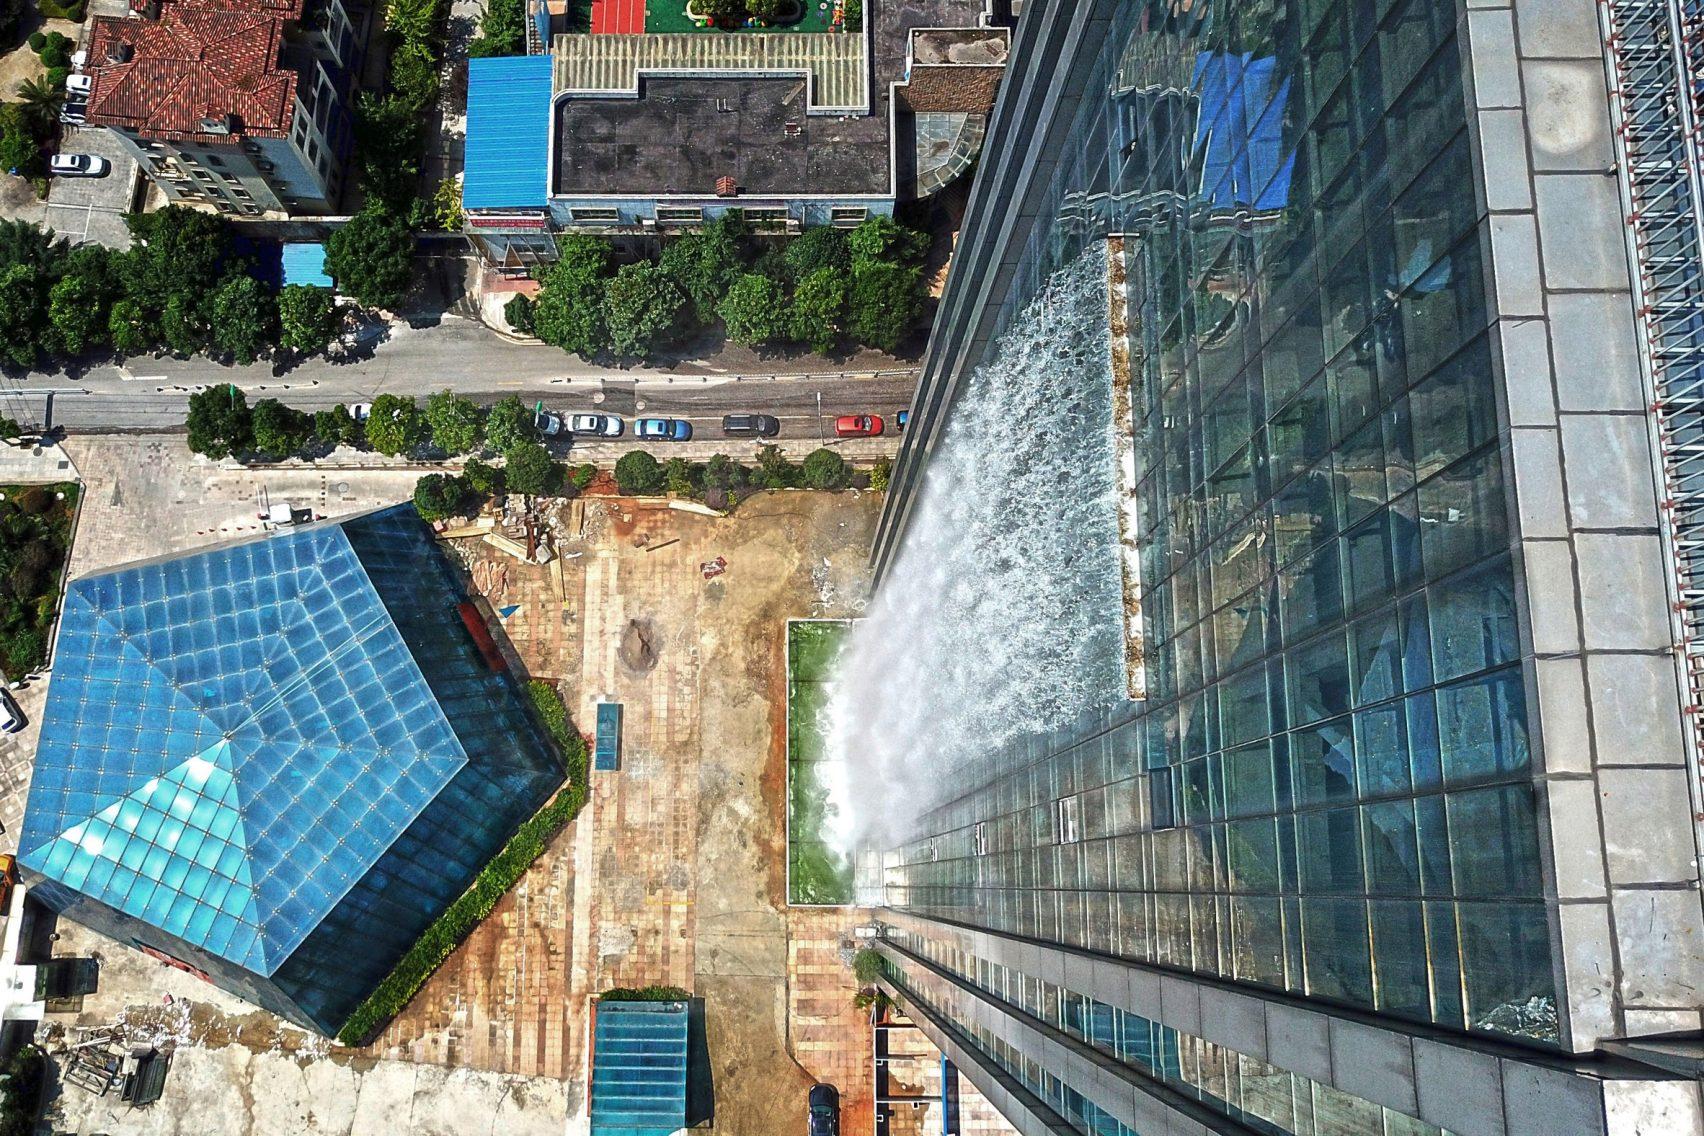 Le Liebian International Building possède la plus grande chute d'eau artificielle du monde